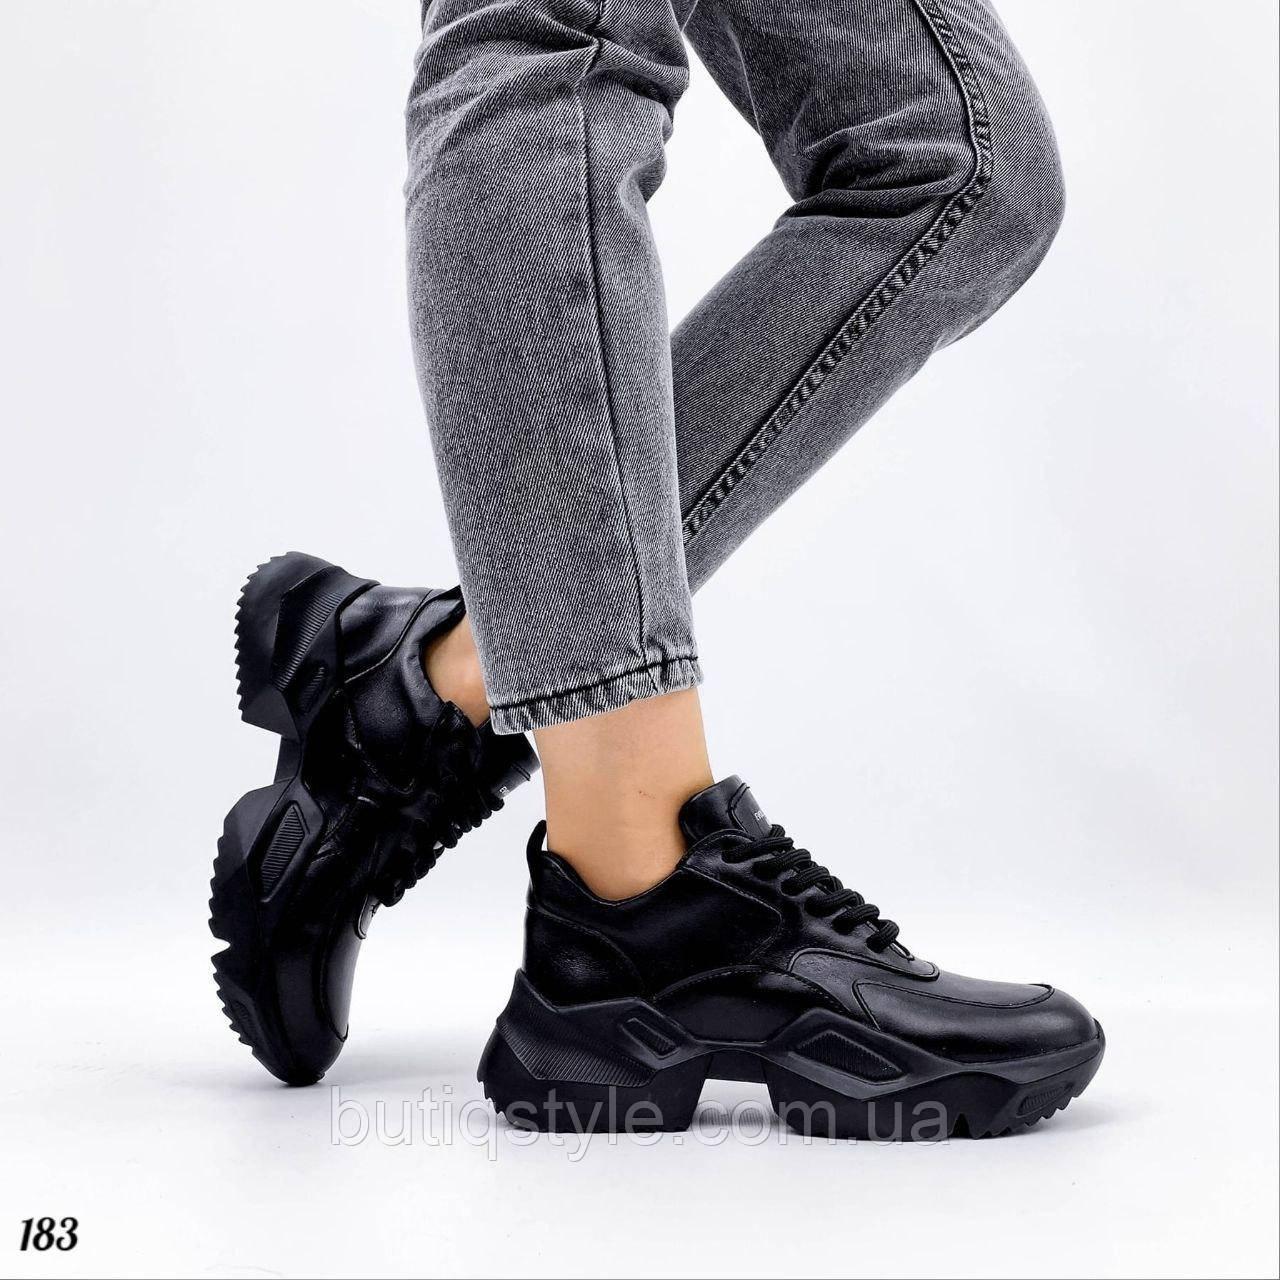 Женские черные кроссовки натуральная кожа на платформе